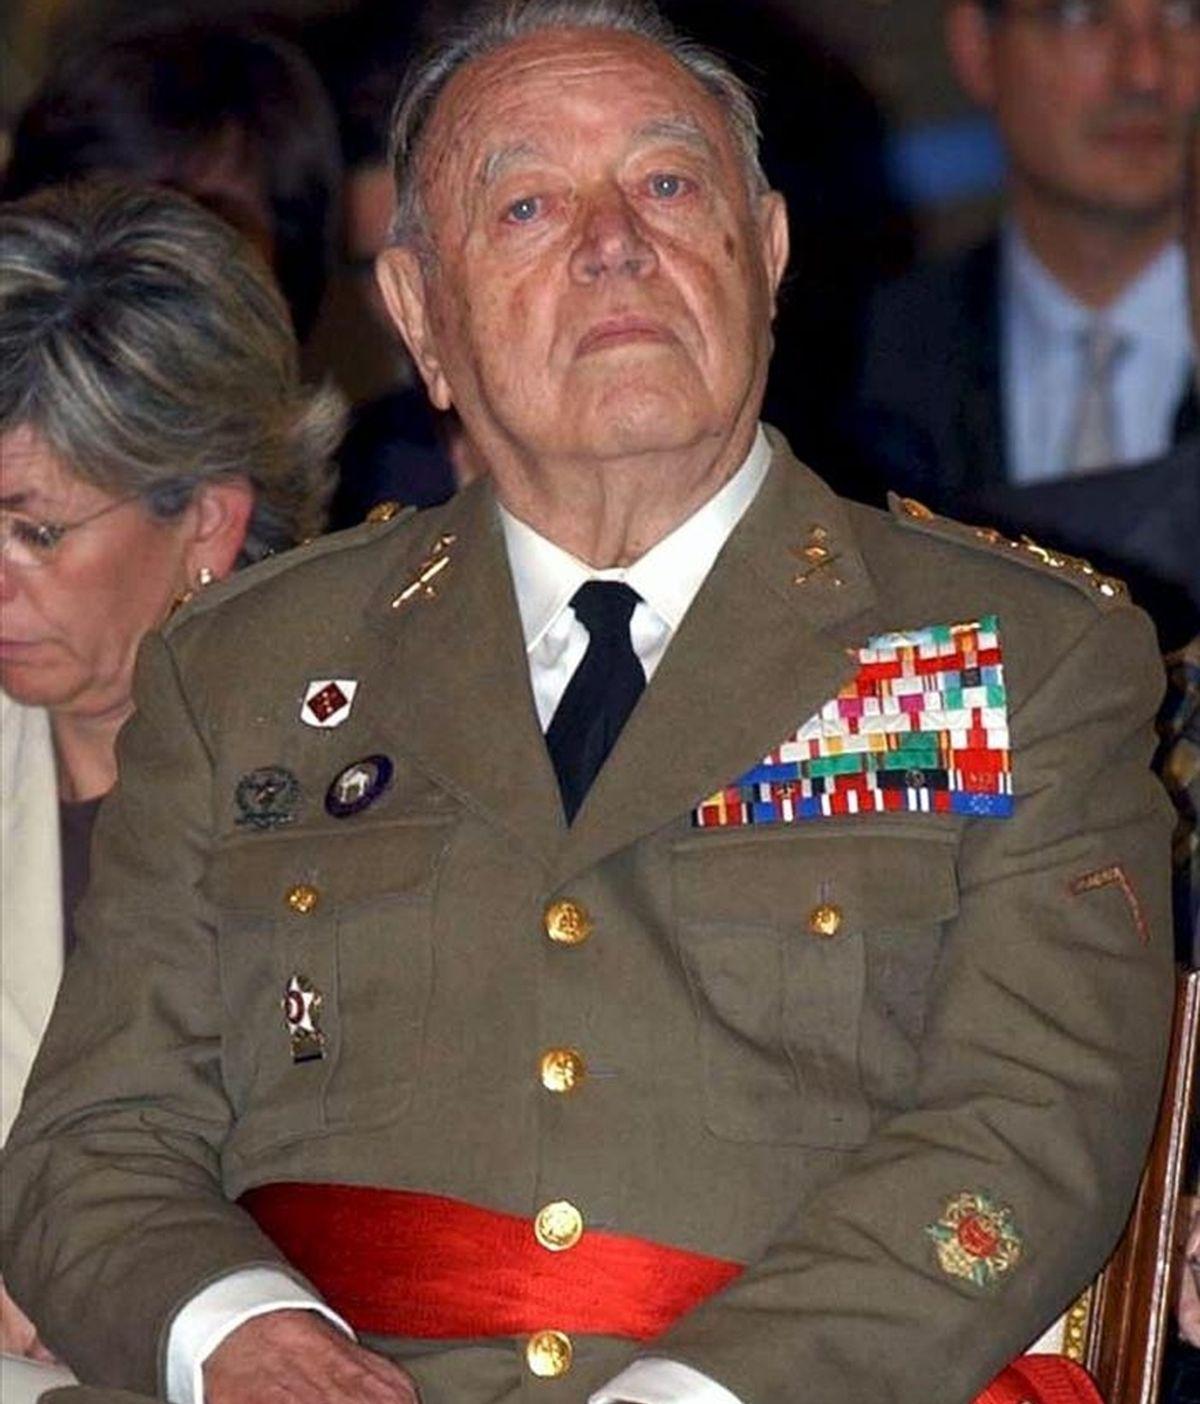 Fotografía de archivo, fechada en el 2003, del teniente general José Luis Aramburu Topete, director general de la Guardia Civil durante el intento de golpe de Estado del 23-F, que ha fallecido hoy en su domicilio de Majadahonda (Madrid) a los 92 años. EFE